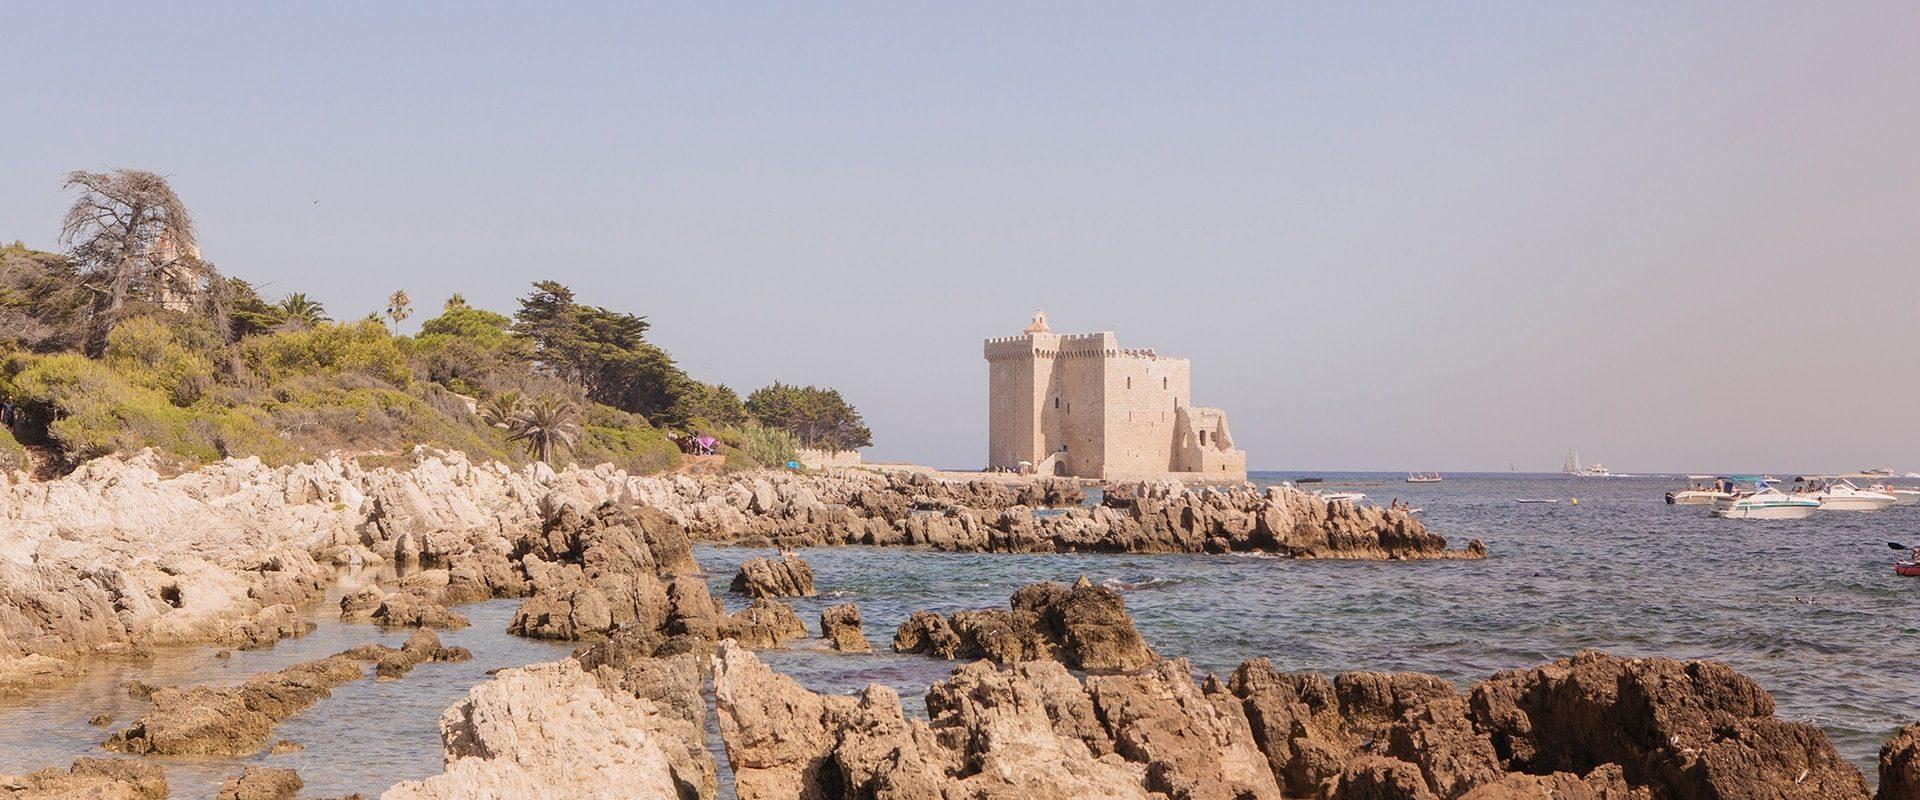 Cannes : Une Journée Sur L'île Saint-Honorat